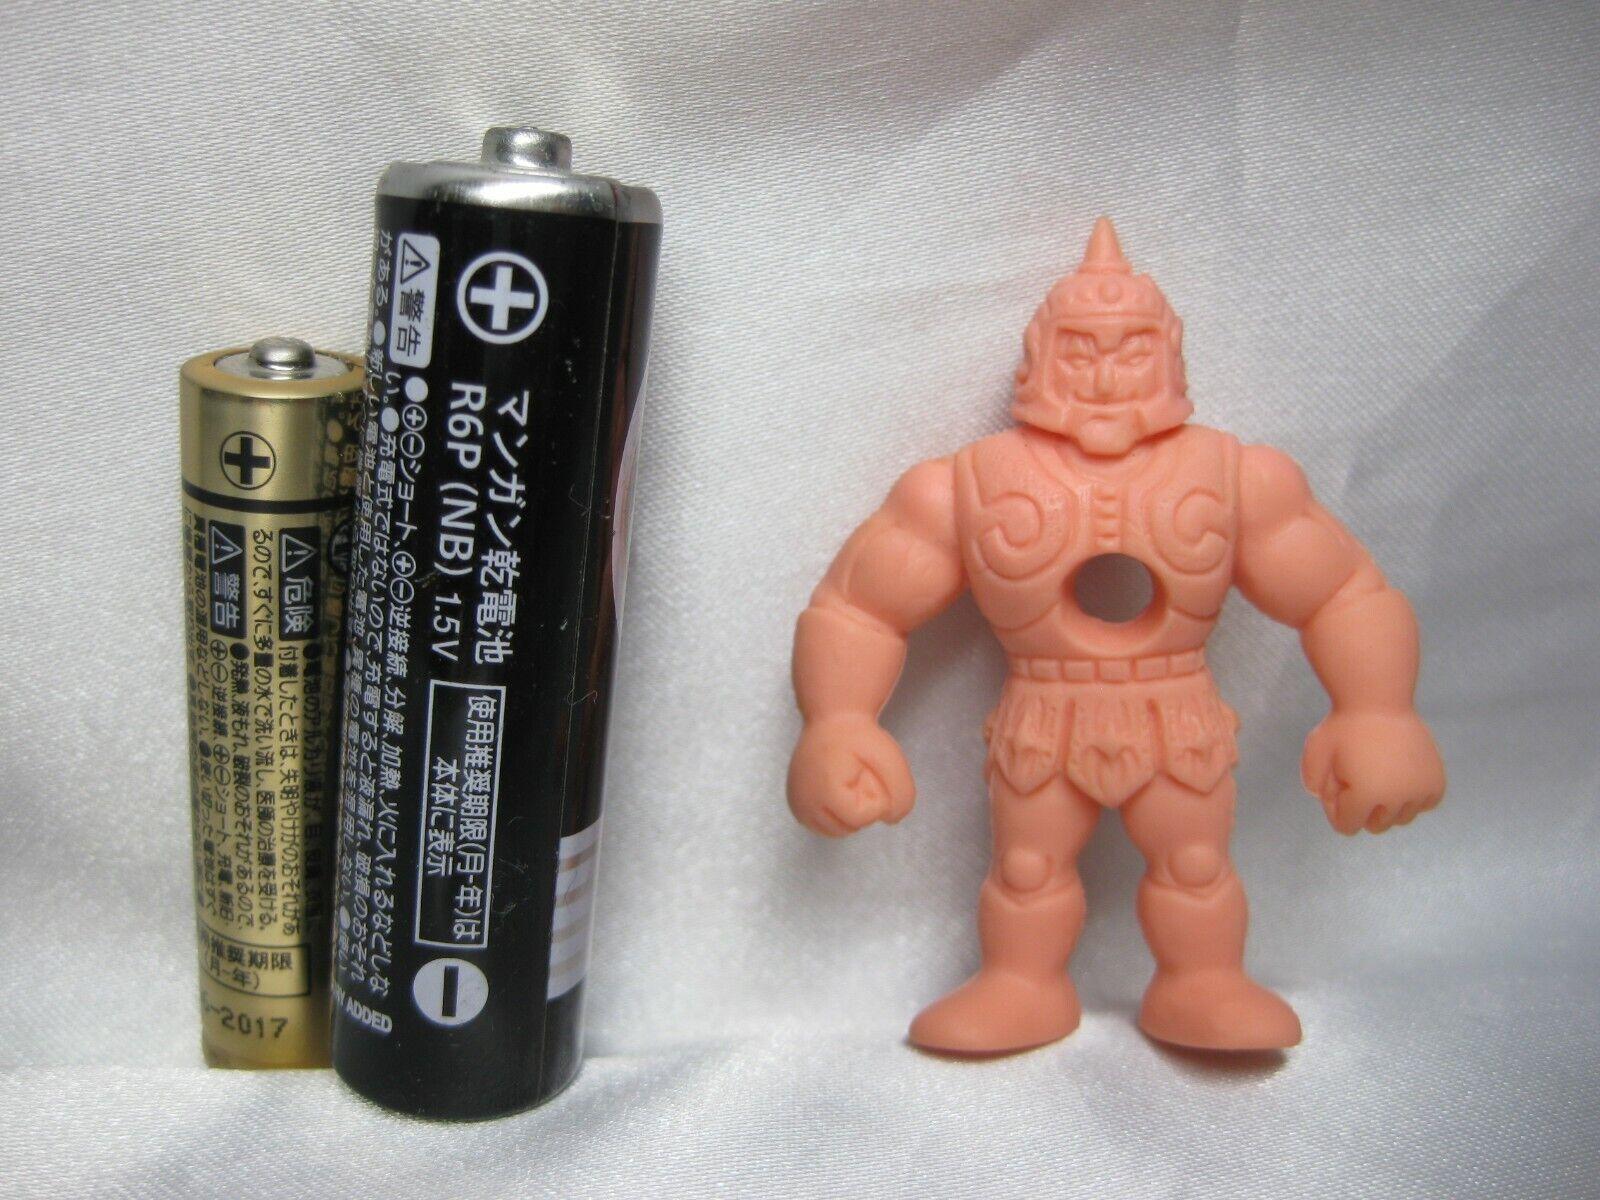 Kinnikuman Rubber Keshi Kinkeshi  SATAN CROSS B Figure 1985 M.U.S.C.L.E. men